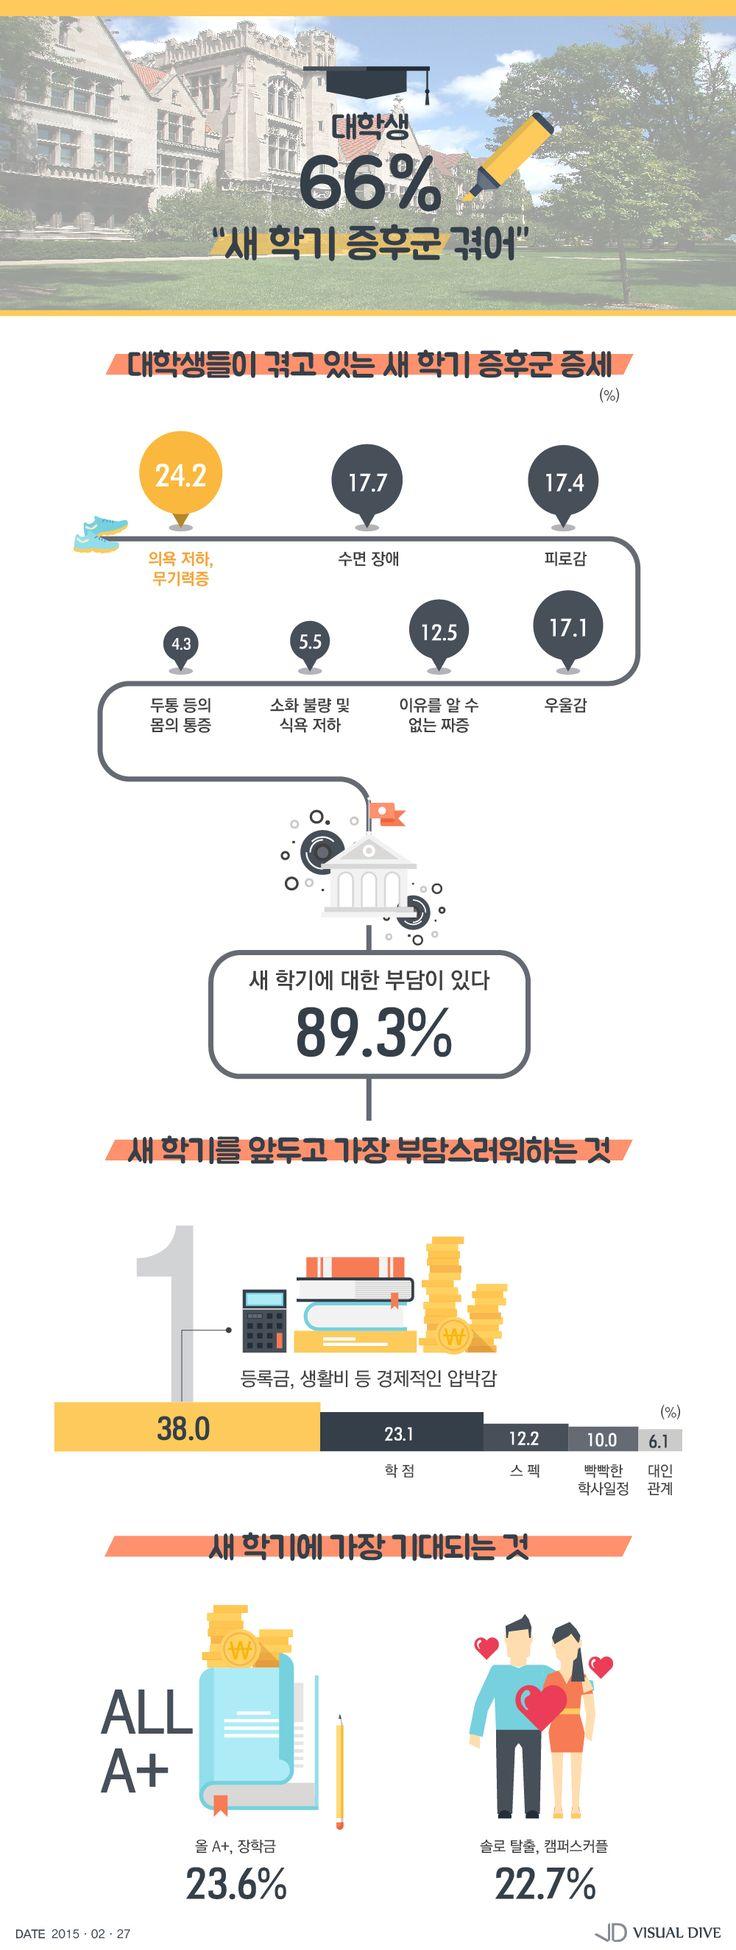 대학생 66.1%, '새 학기 증후군' 겪어…부담 1위는 등록금?생활비 [인포그래픽] #Student / #Infographic ⓒ 비주얼다이브 무단 복사·전재·재배포 금지